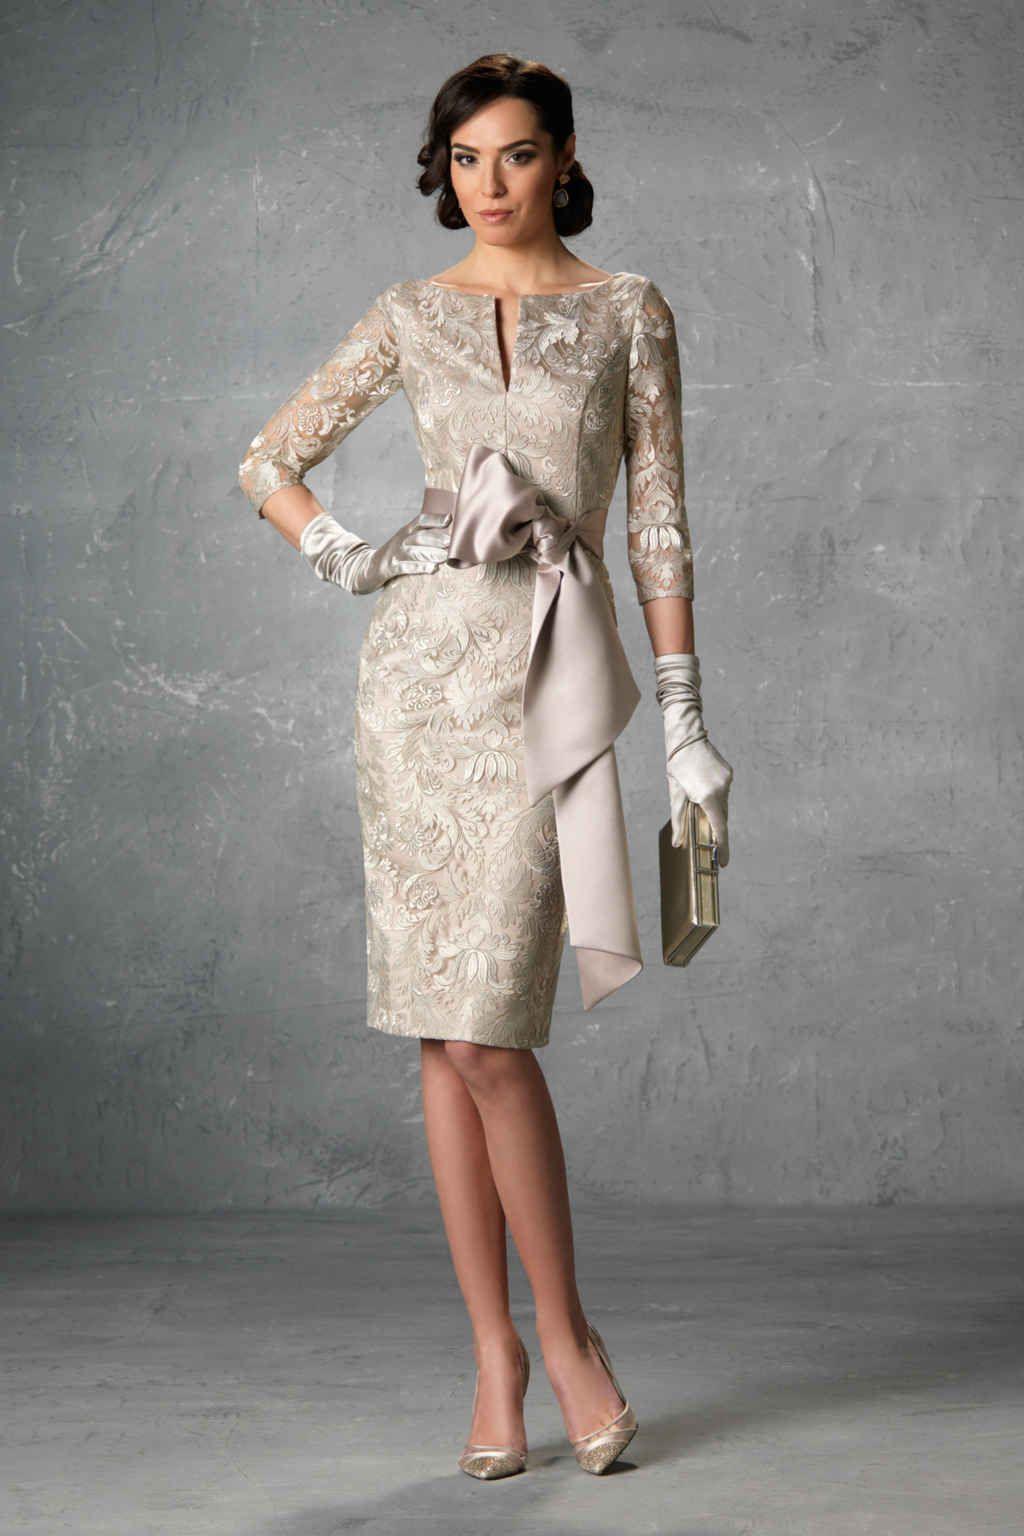 f4874a6d5 Vestidos de madrina y fiesta con unos acabados y calidad excelente. Llevar  vestidos de madrina Esthefan hace que sea una verdadera exclusividad.